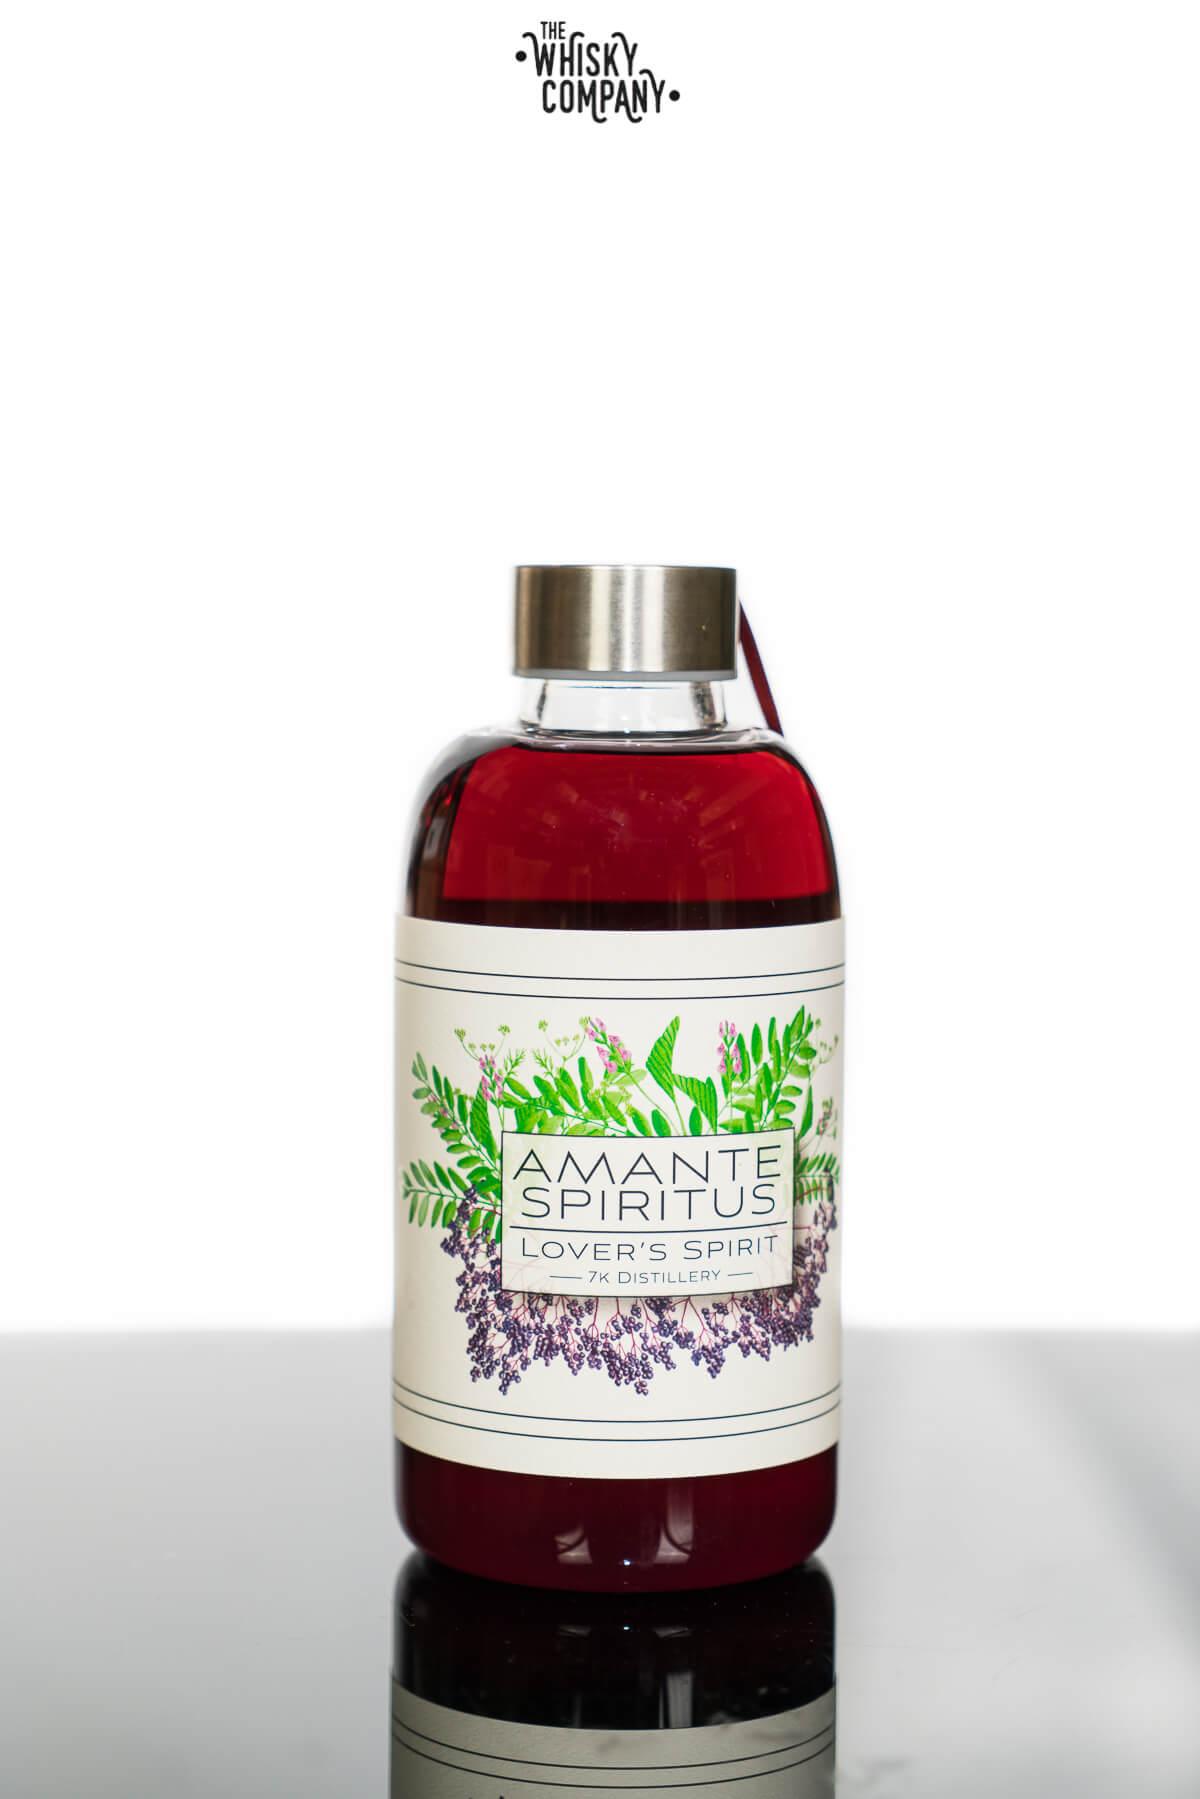 7k Distillery Amante Spiritus Lovers Spirit (725ml)